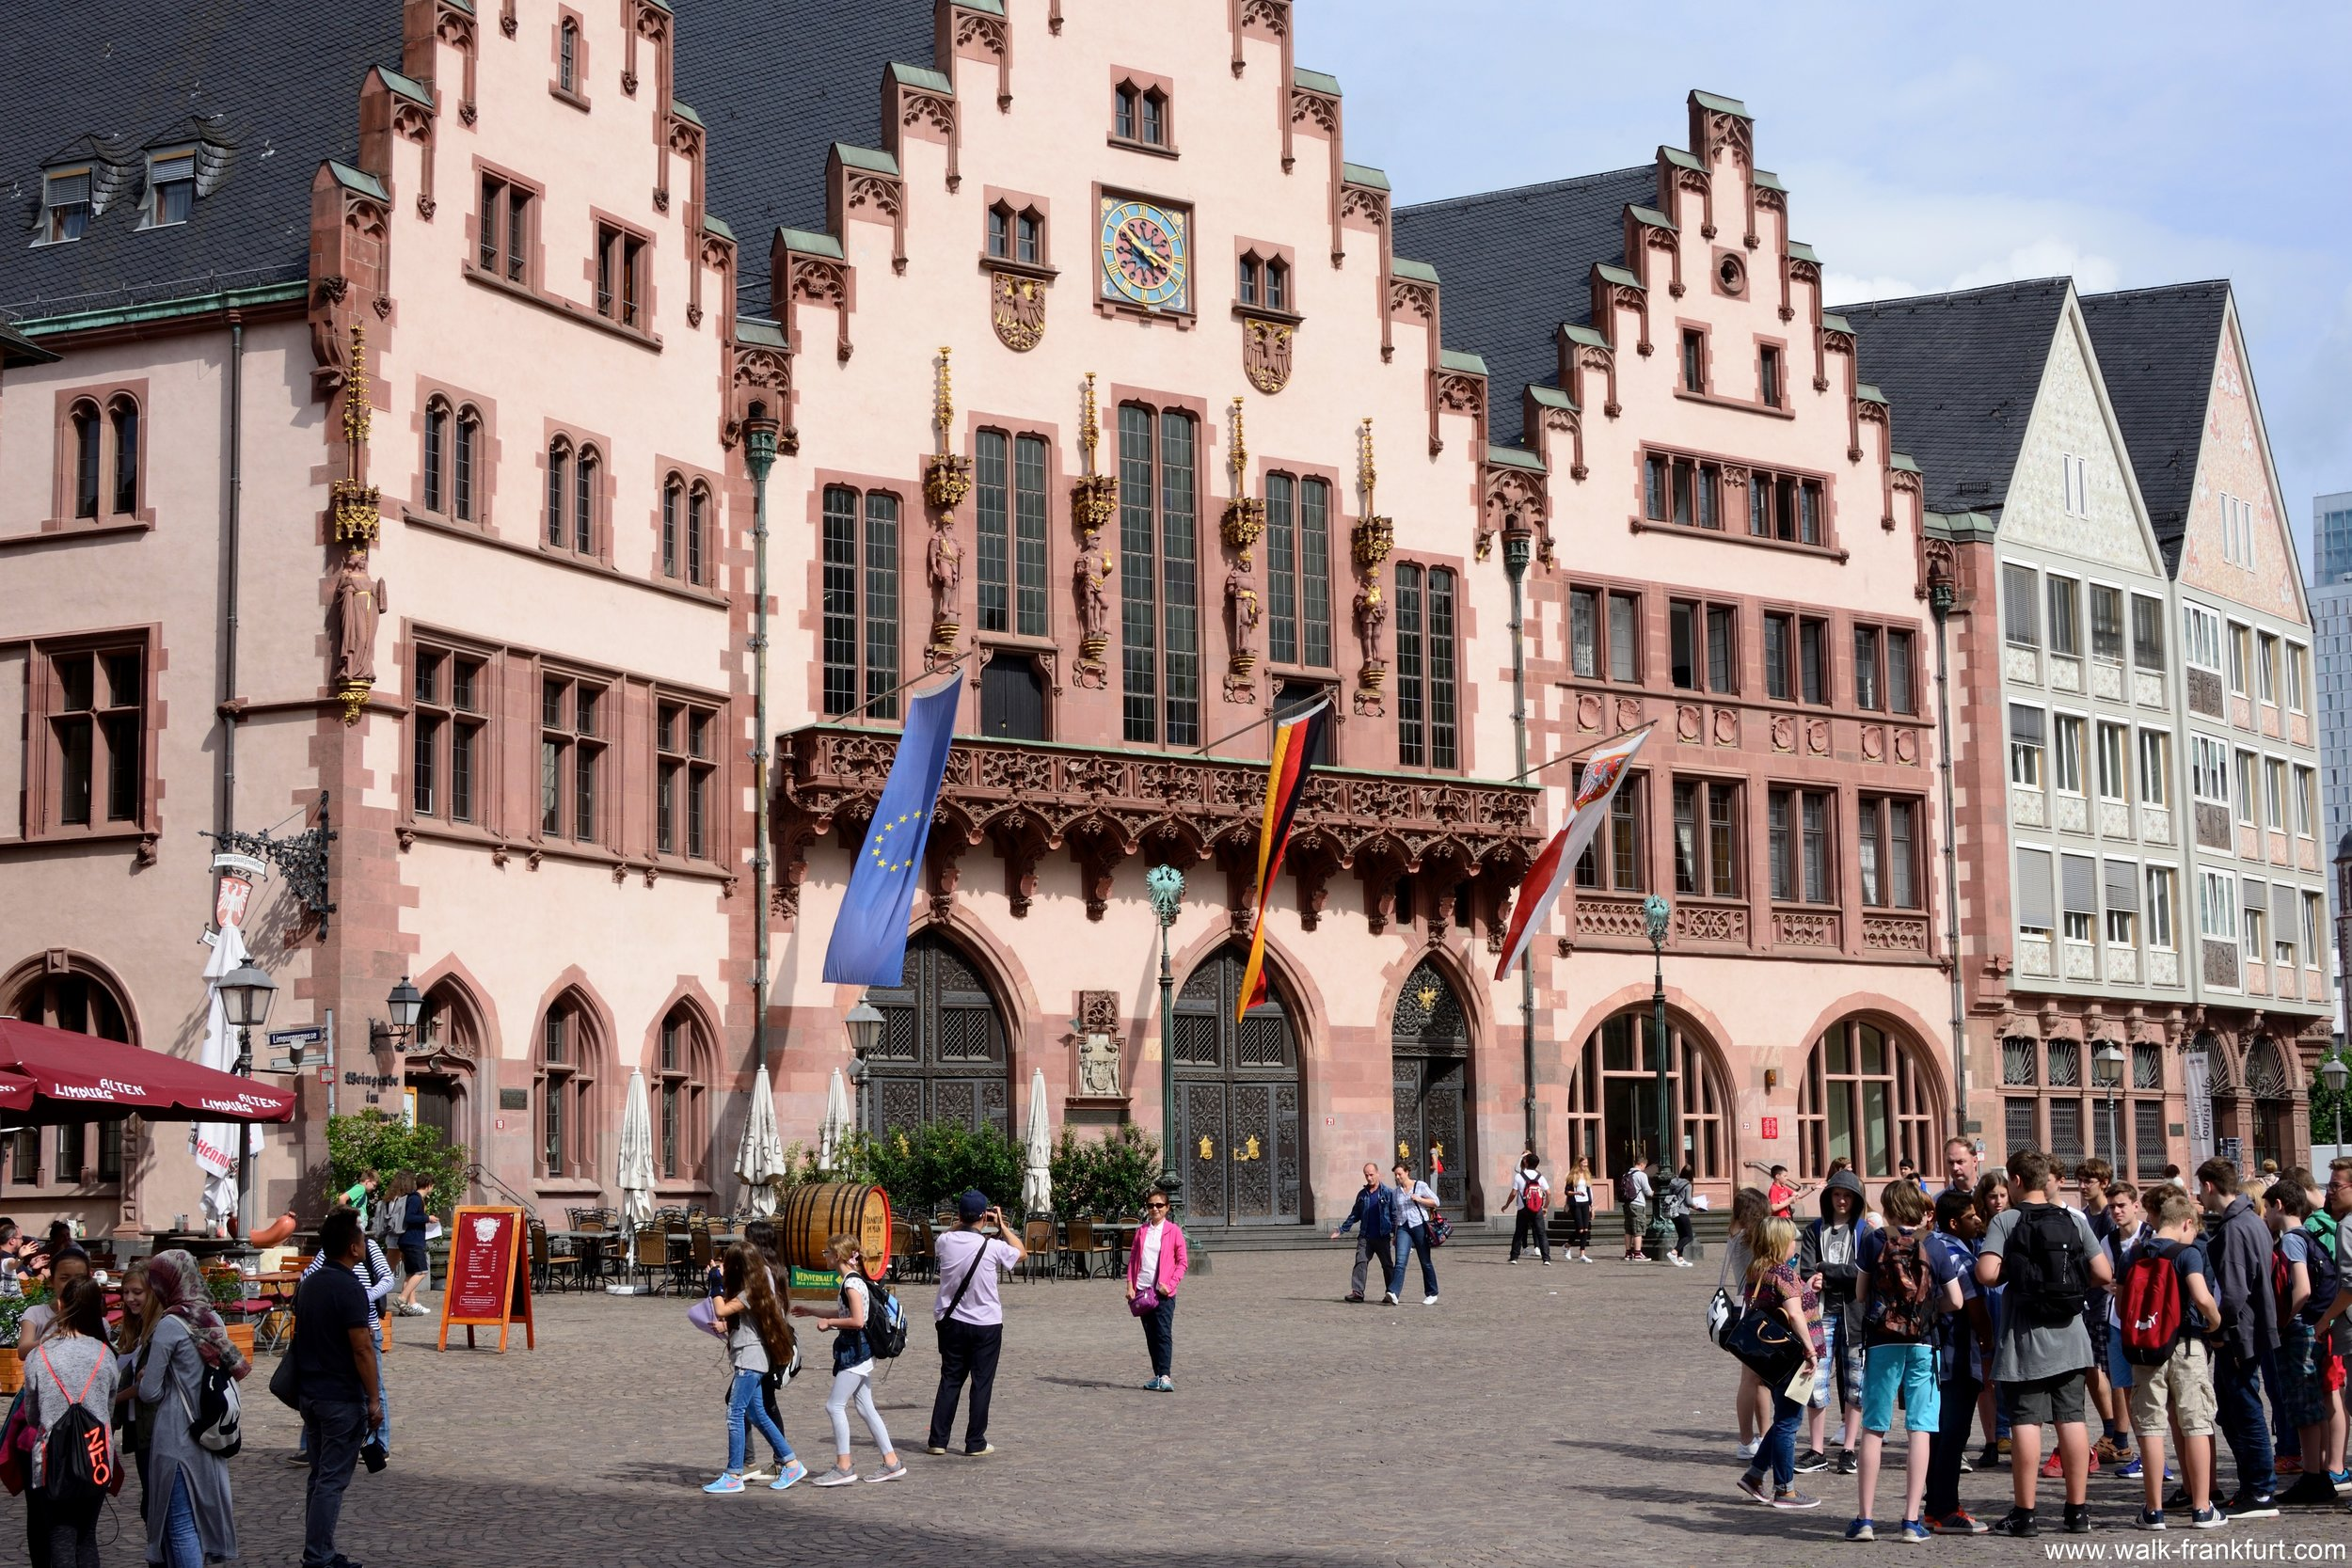 Frankfurt Römer (town hall)